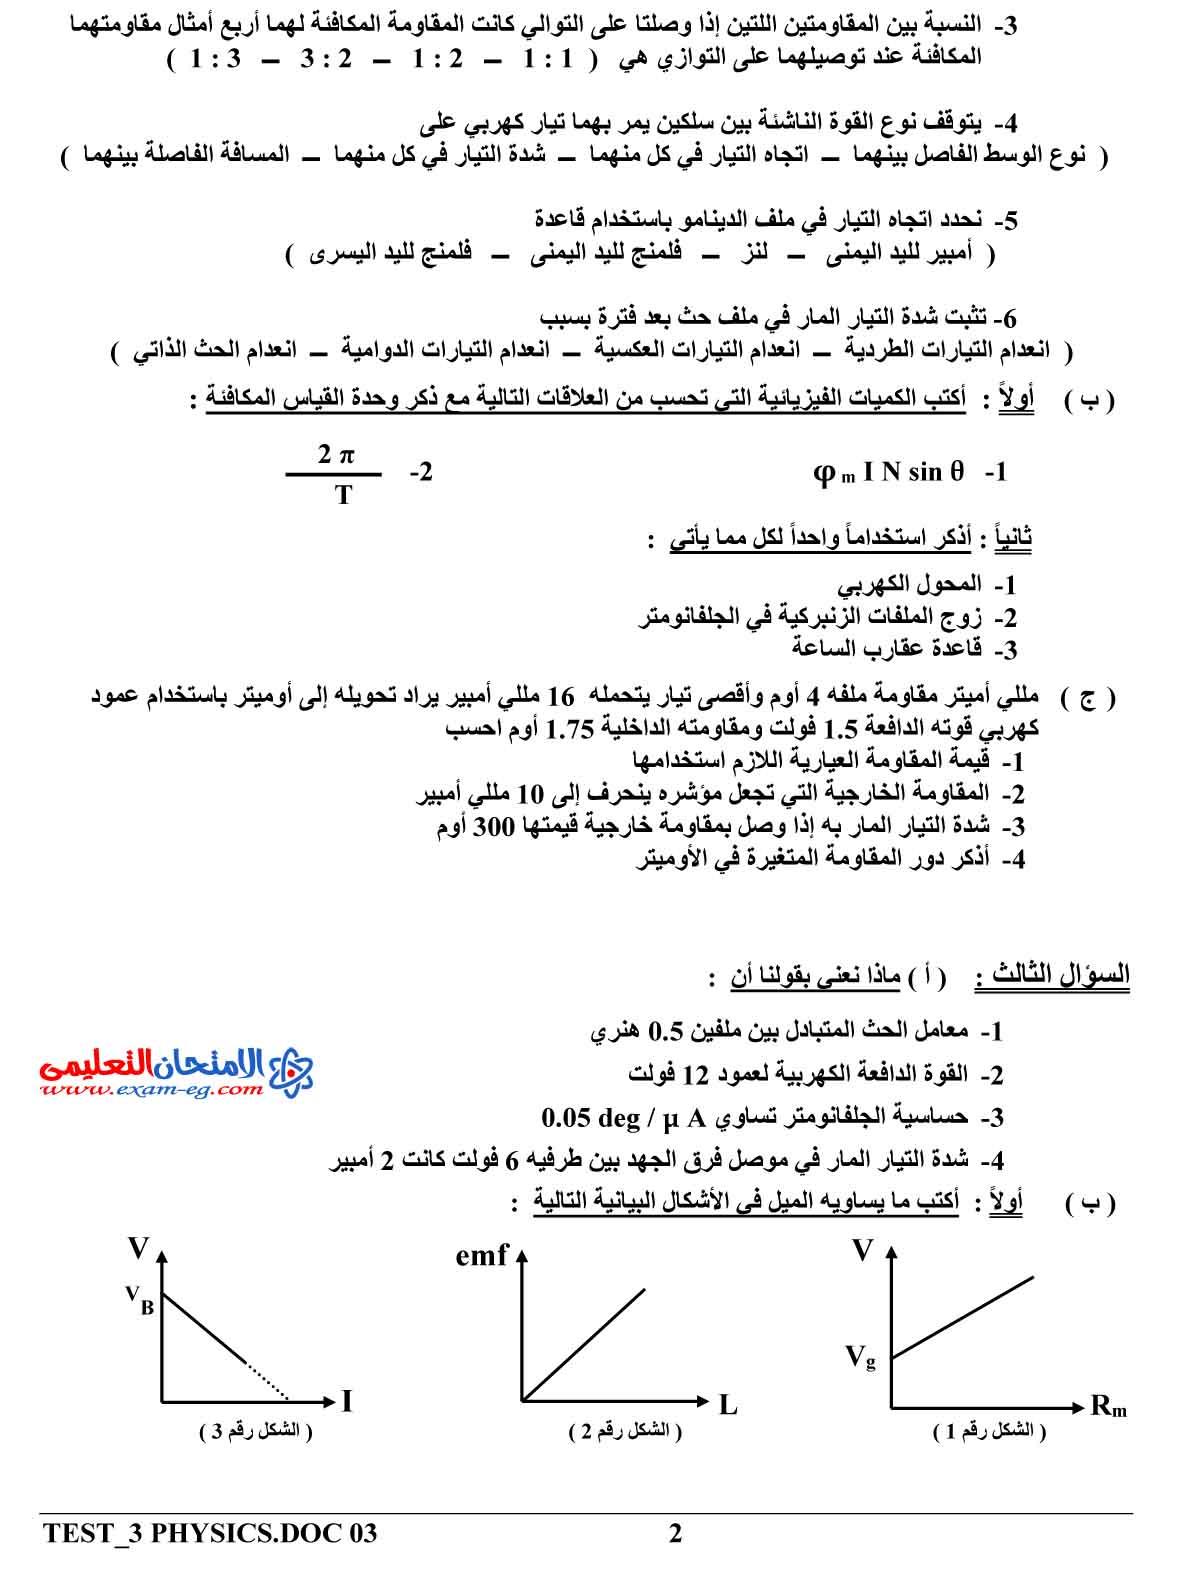 فيزياء 3 - مدرسة اون لاين-2